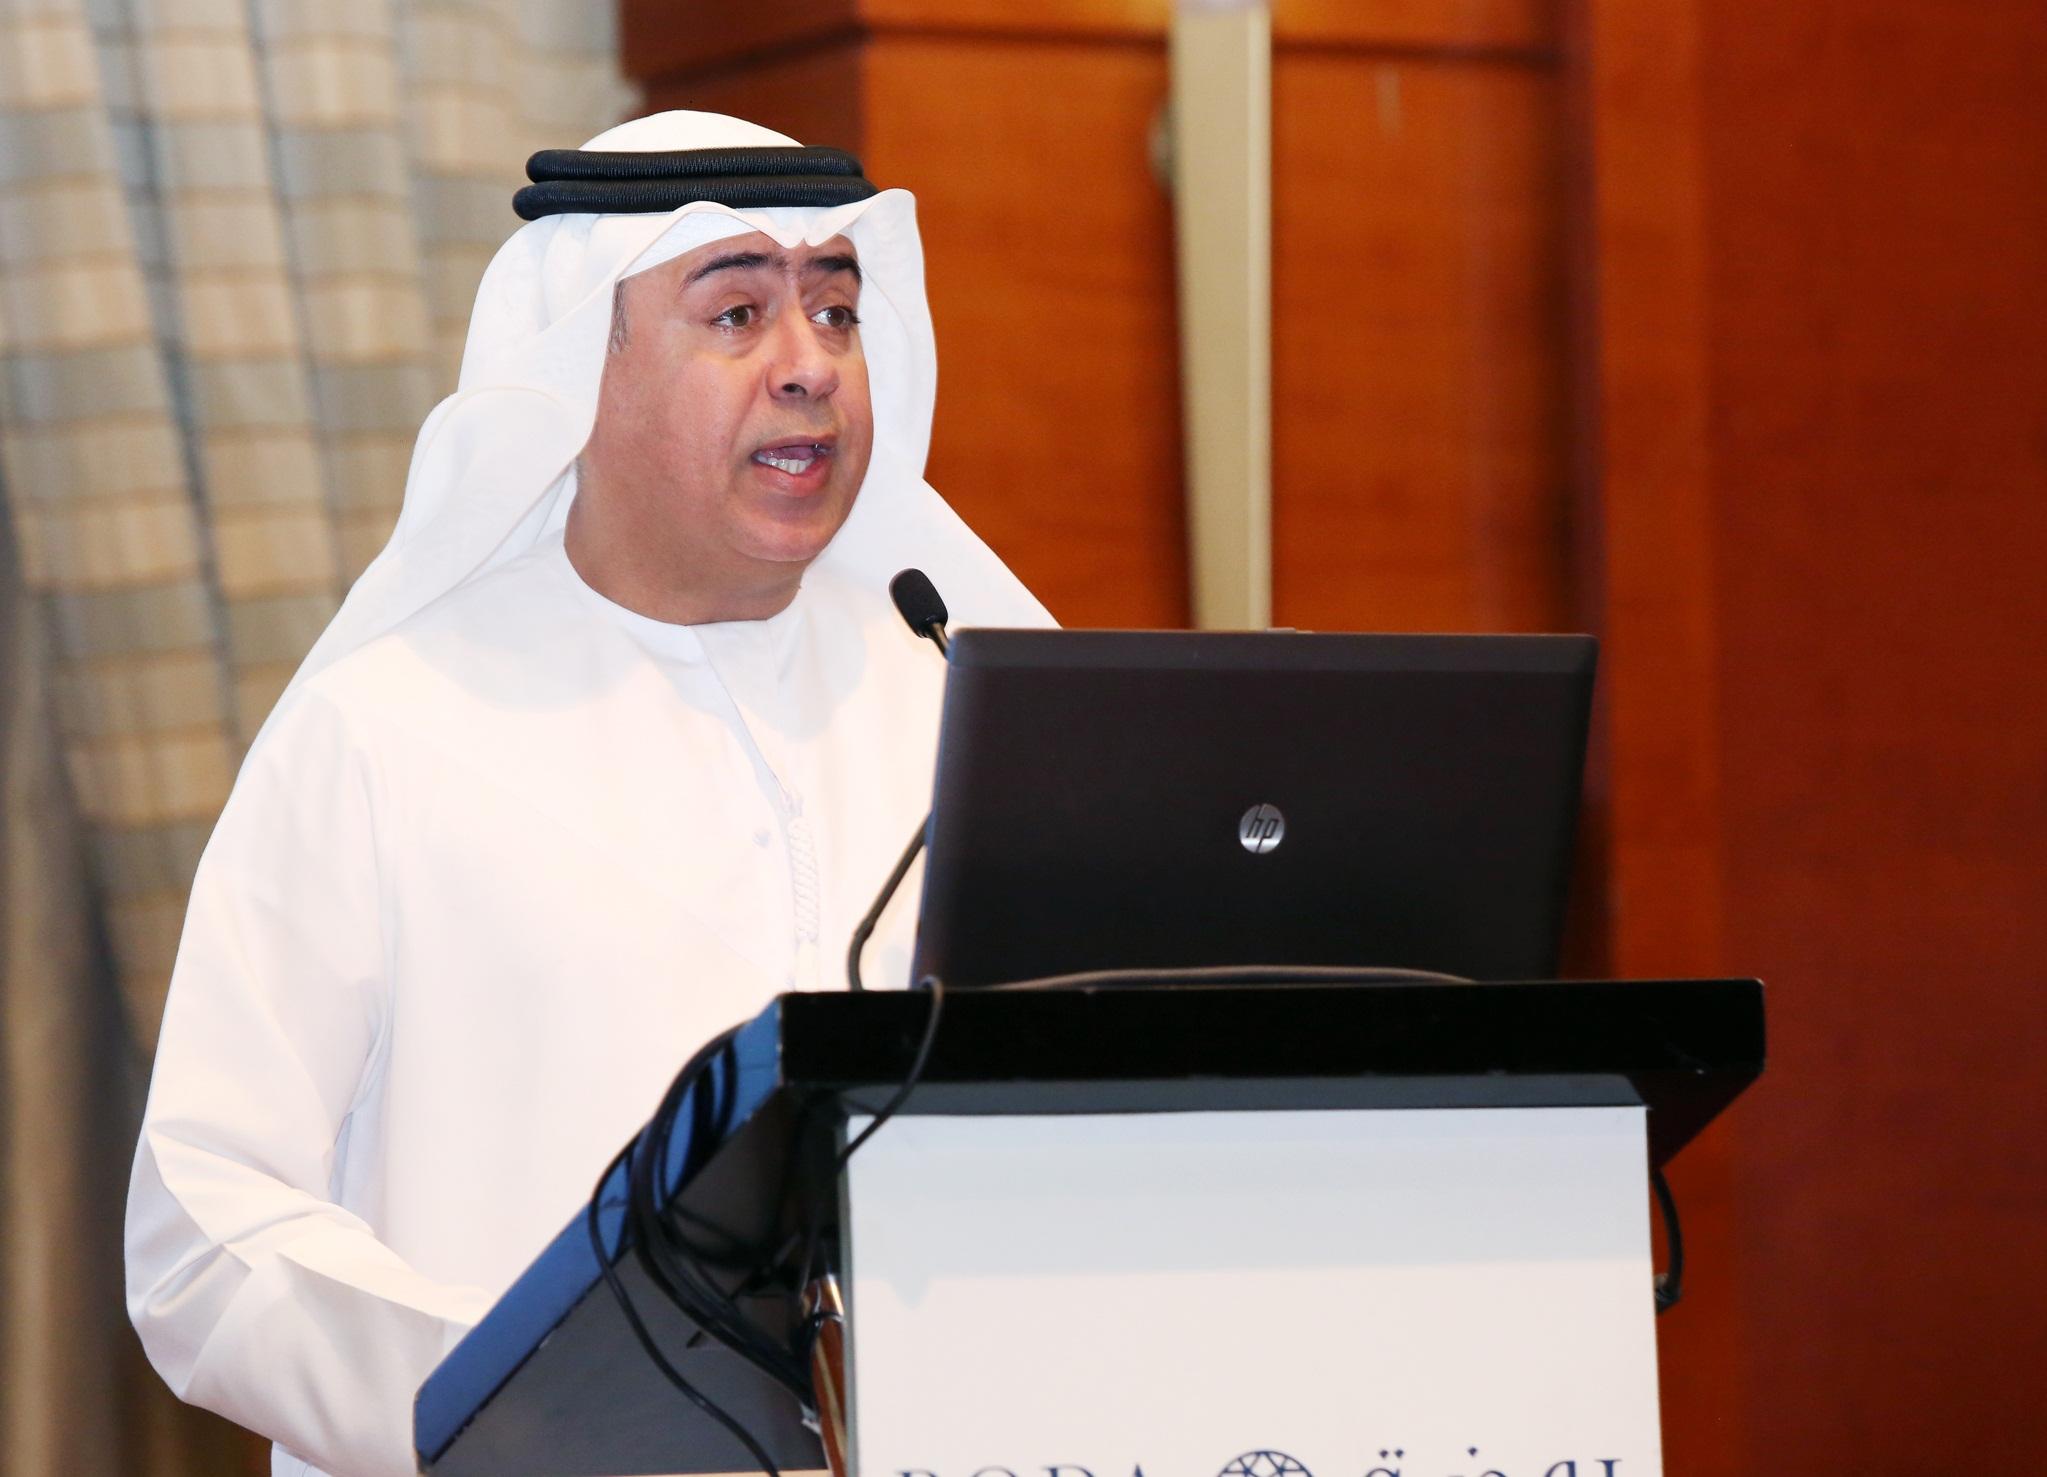 خبر صحفي - ملتقى التأمين الخليجي السنوي الخامس عشر لعام 2018